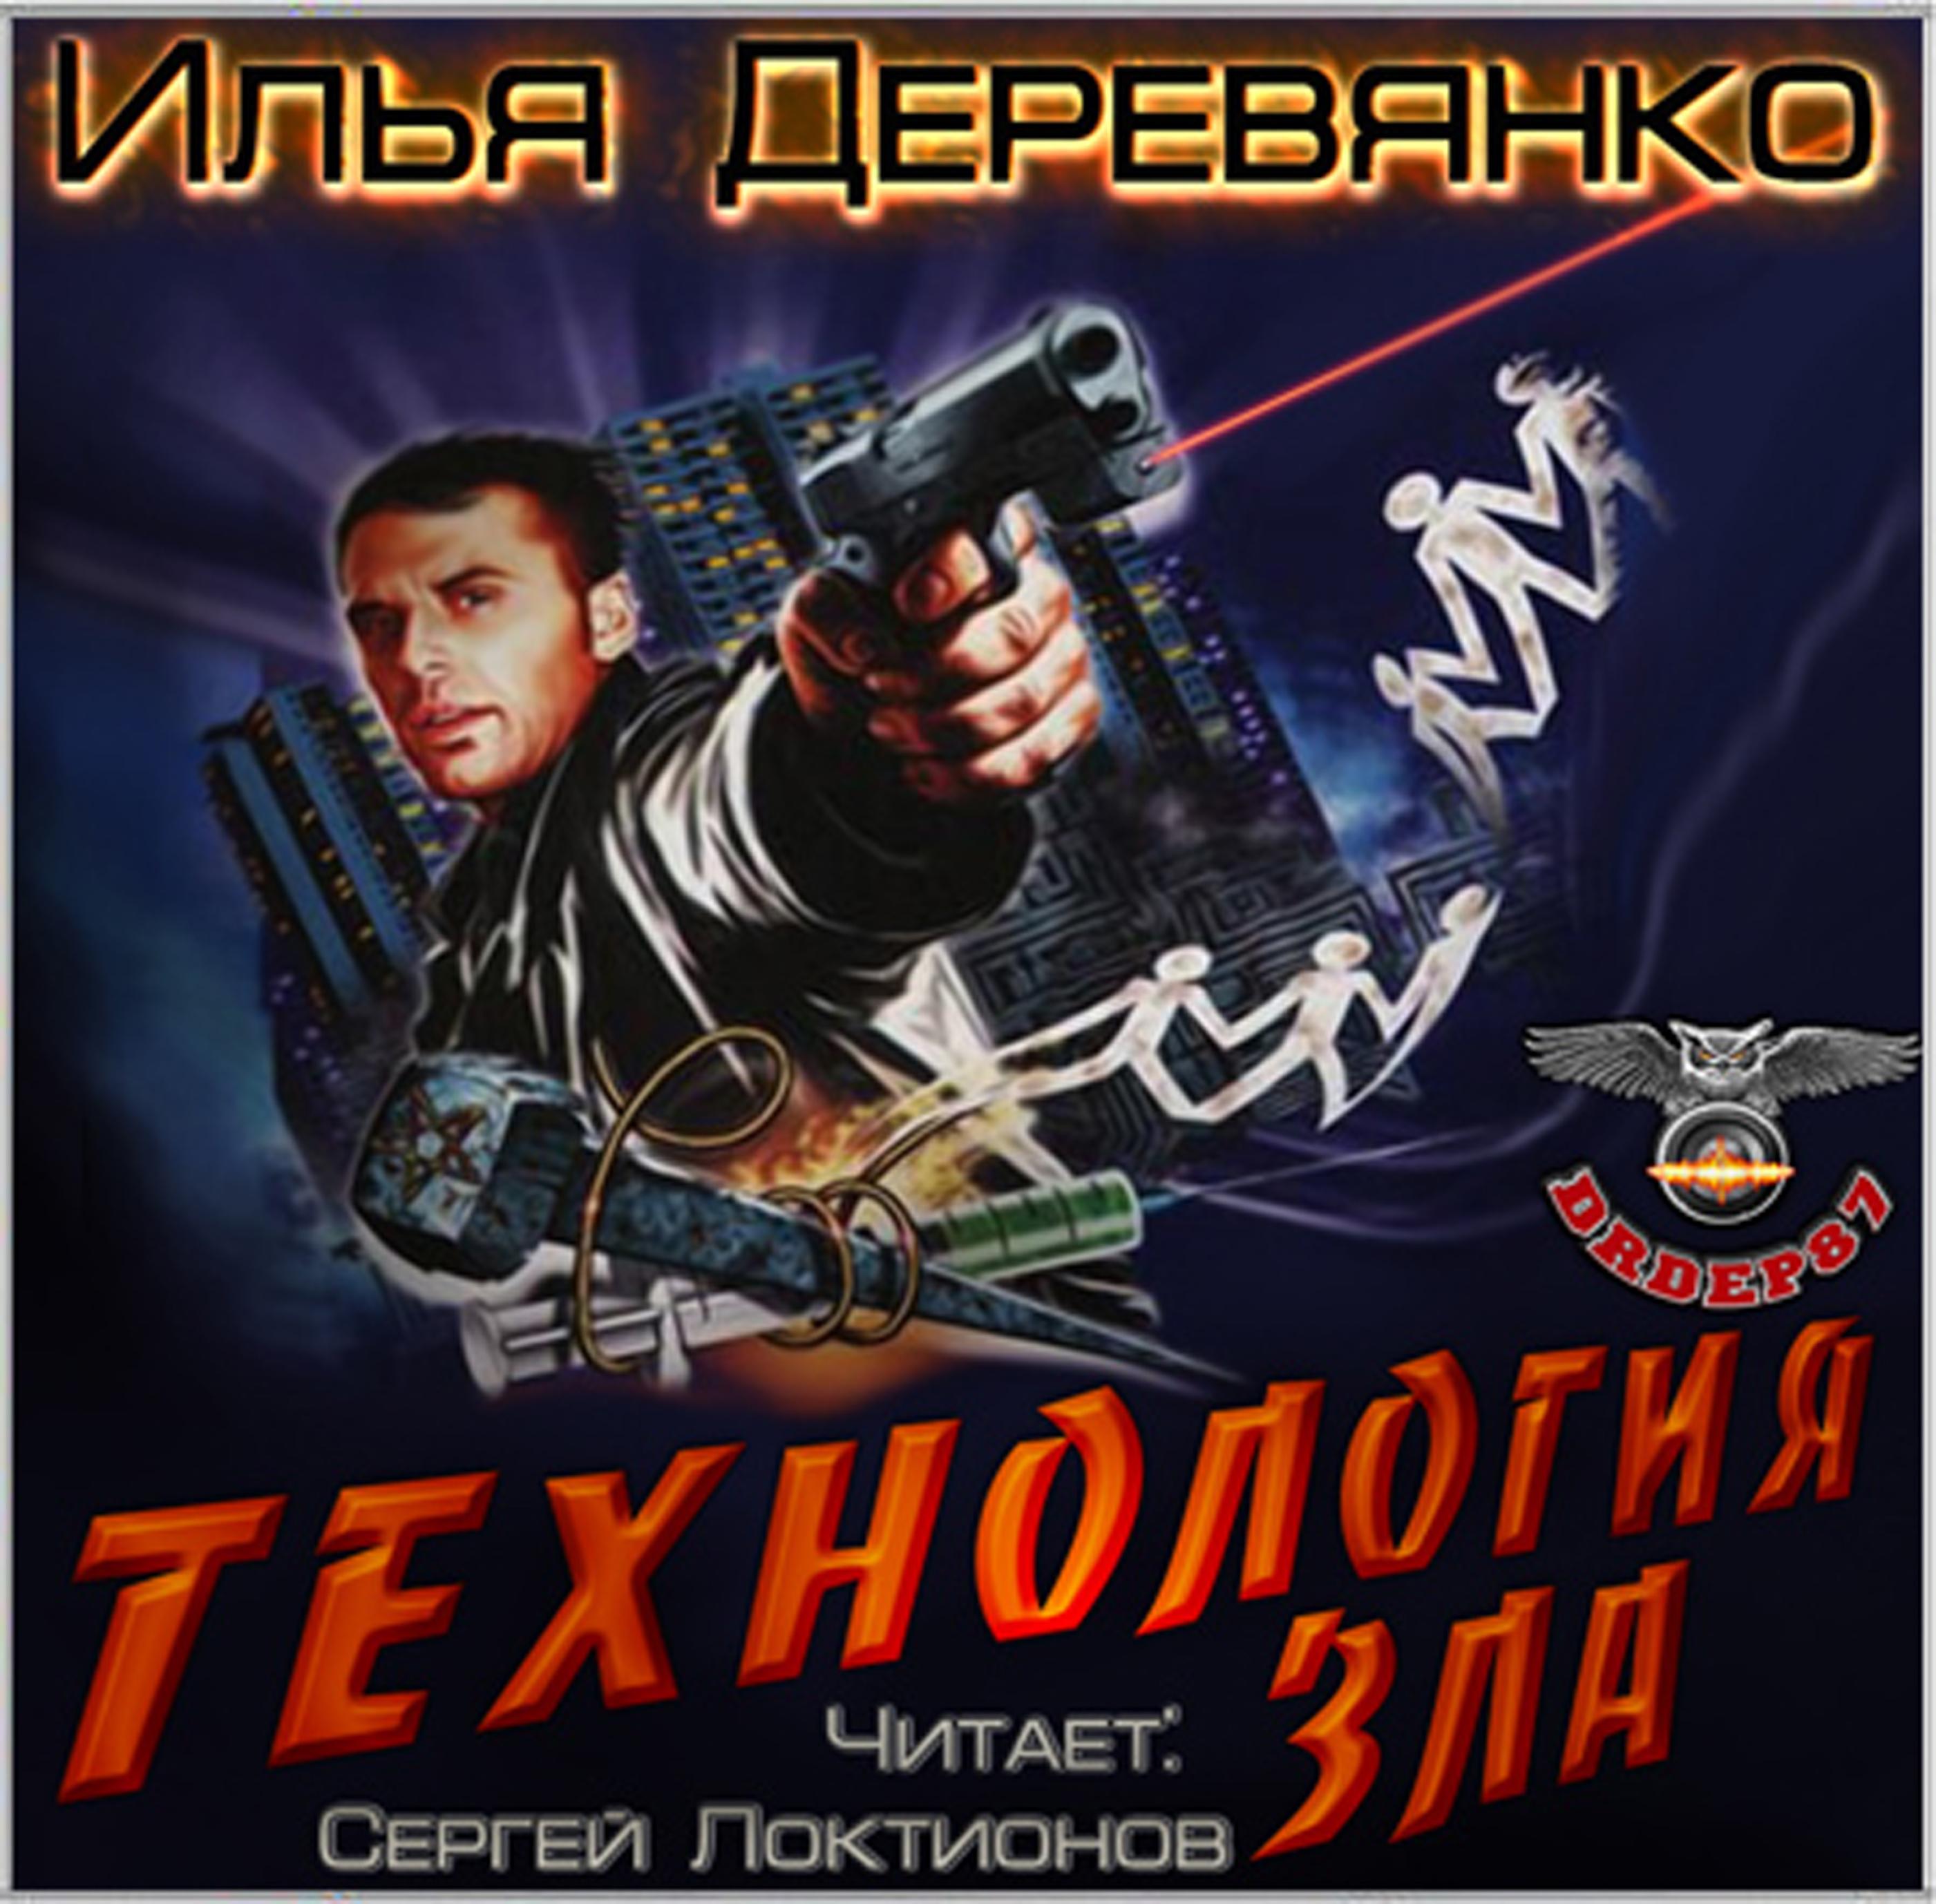 Илья Деревянко Технология зла илья деревянко кровь и честь сборник